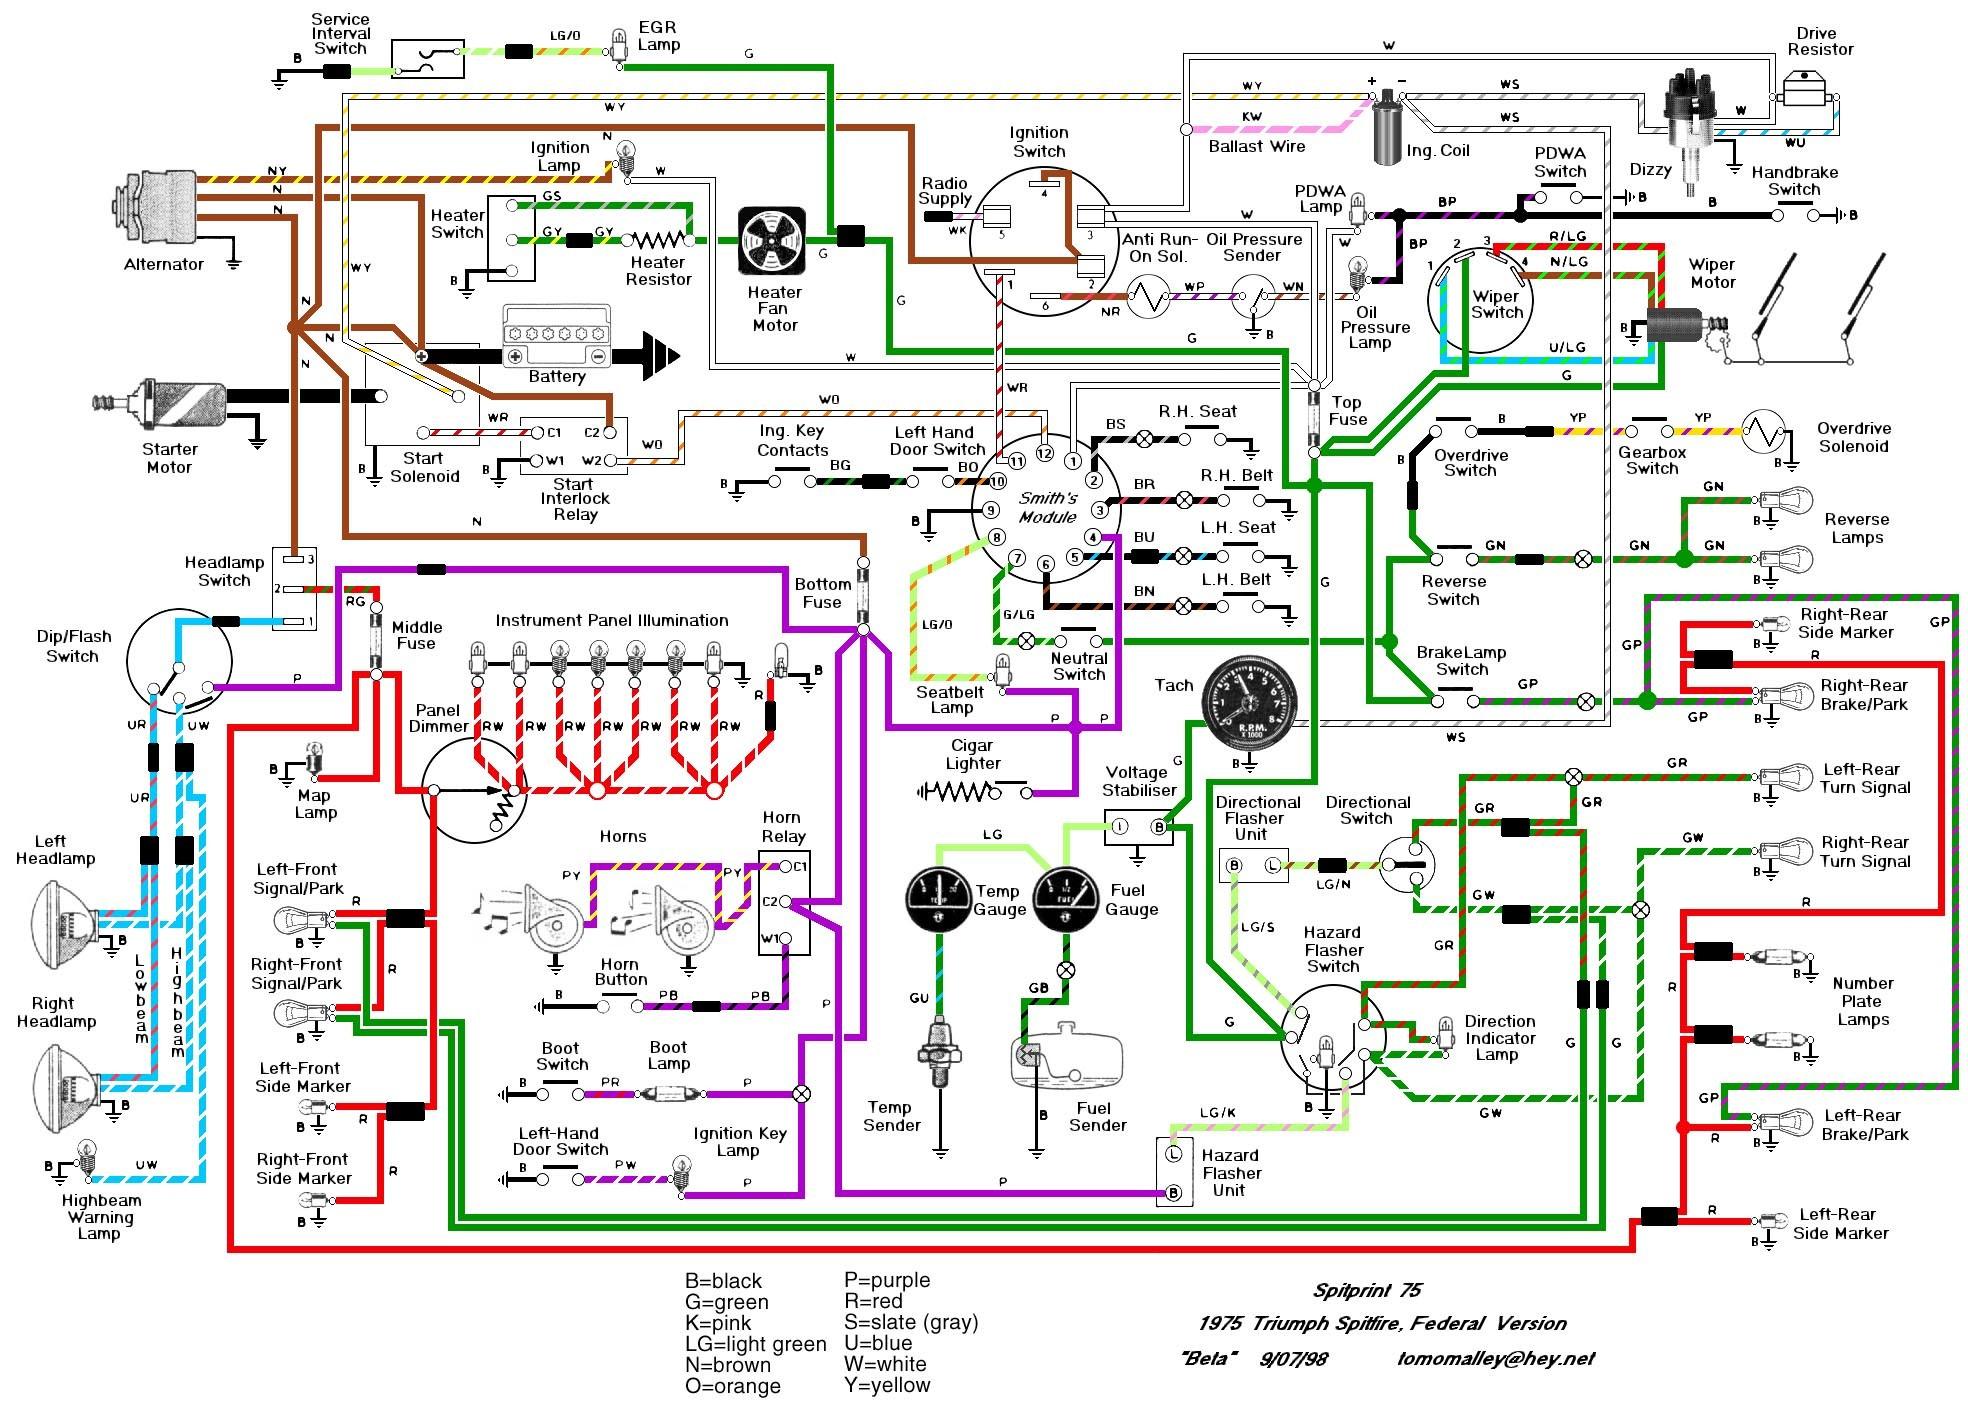 Moto Mirror Wiring Diagram Detailed Schematics Suzuki Forenza Unique Image Turn Signal Mgb Harness